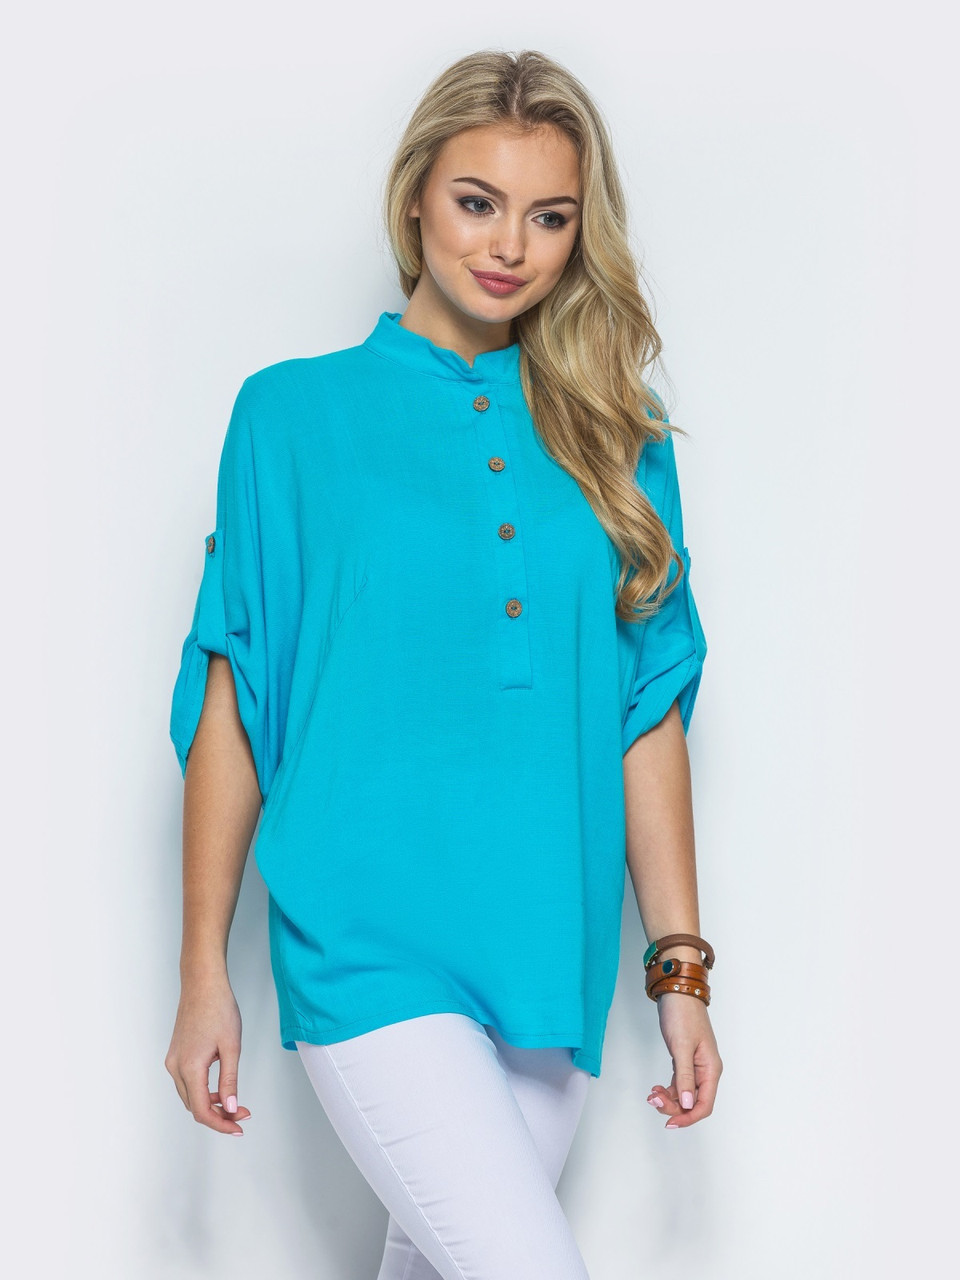 0a175c5aaea 👶Нежная голубая блузка свободного кроя (на пуговицах)   Размер 44 ...